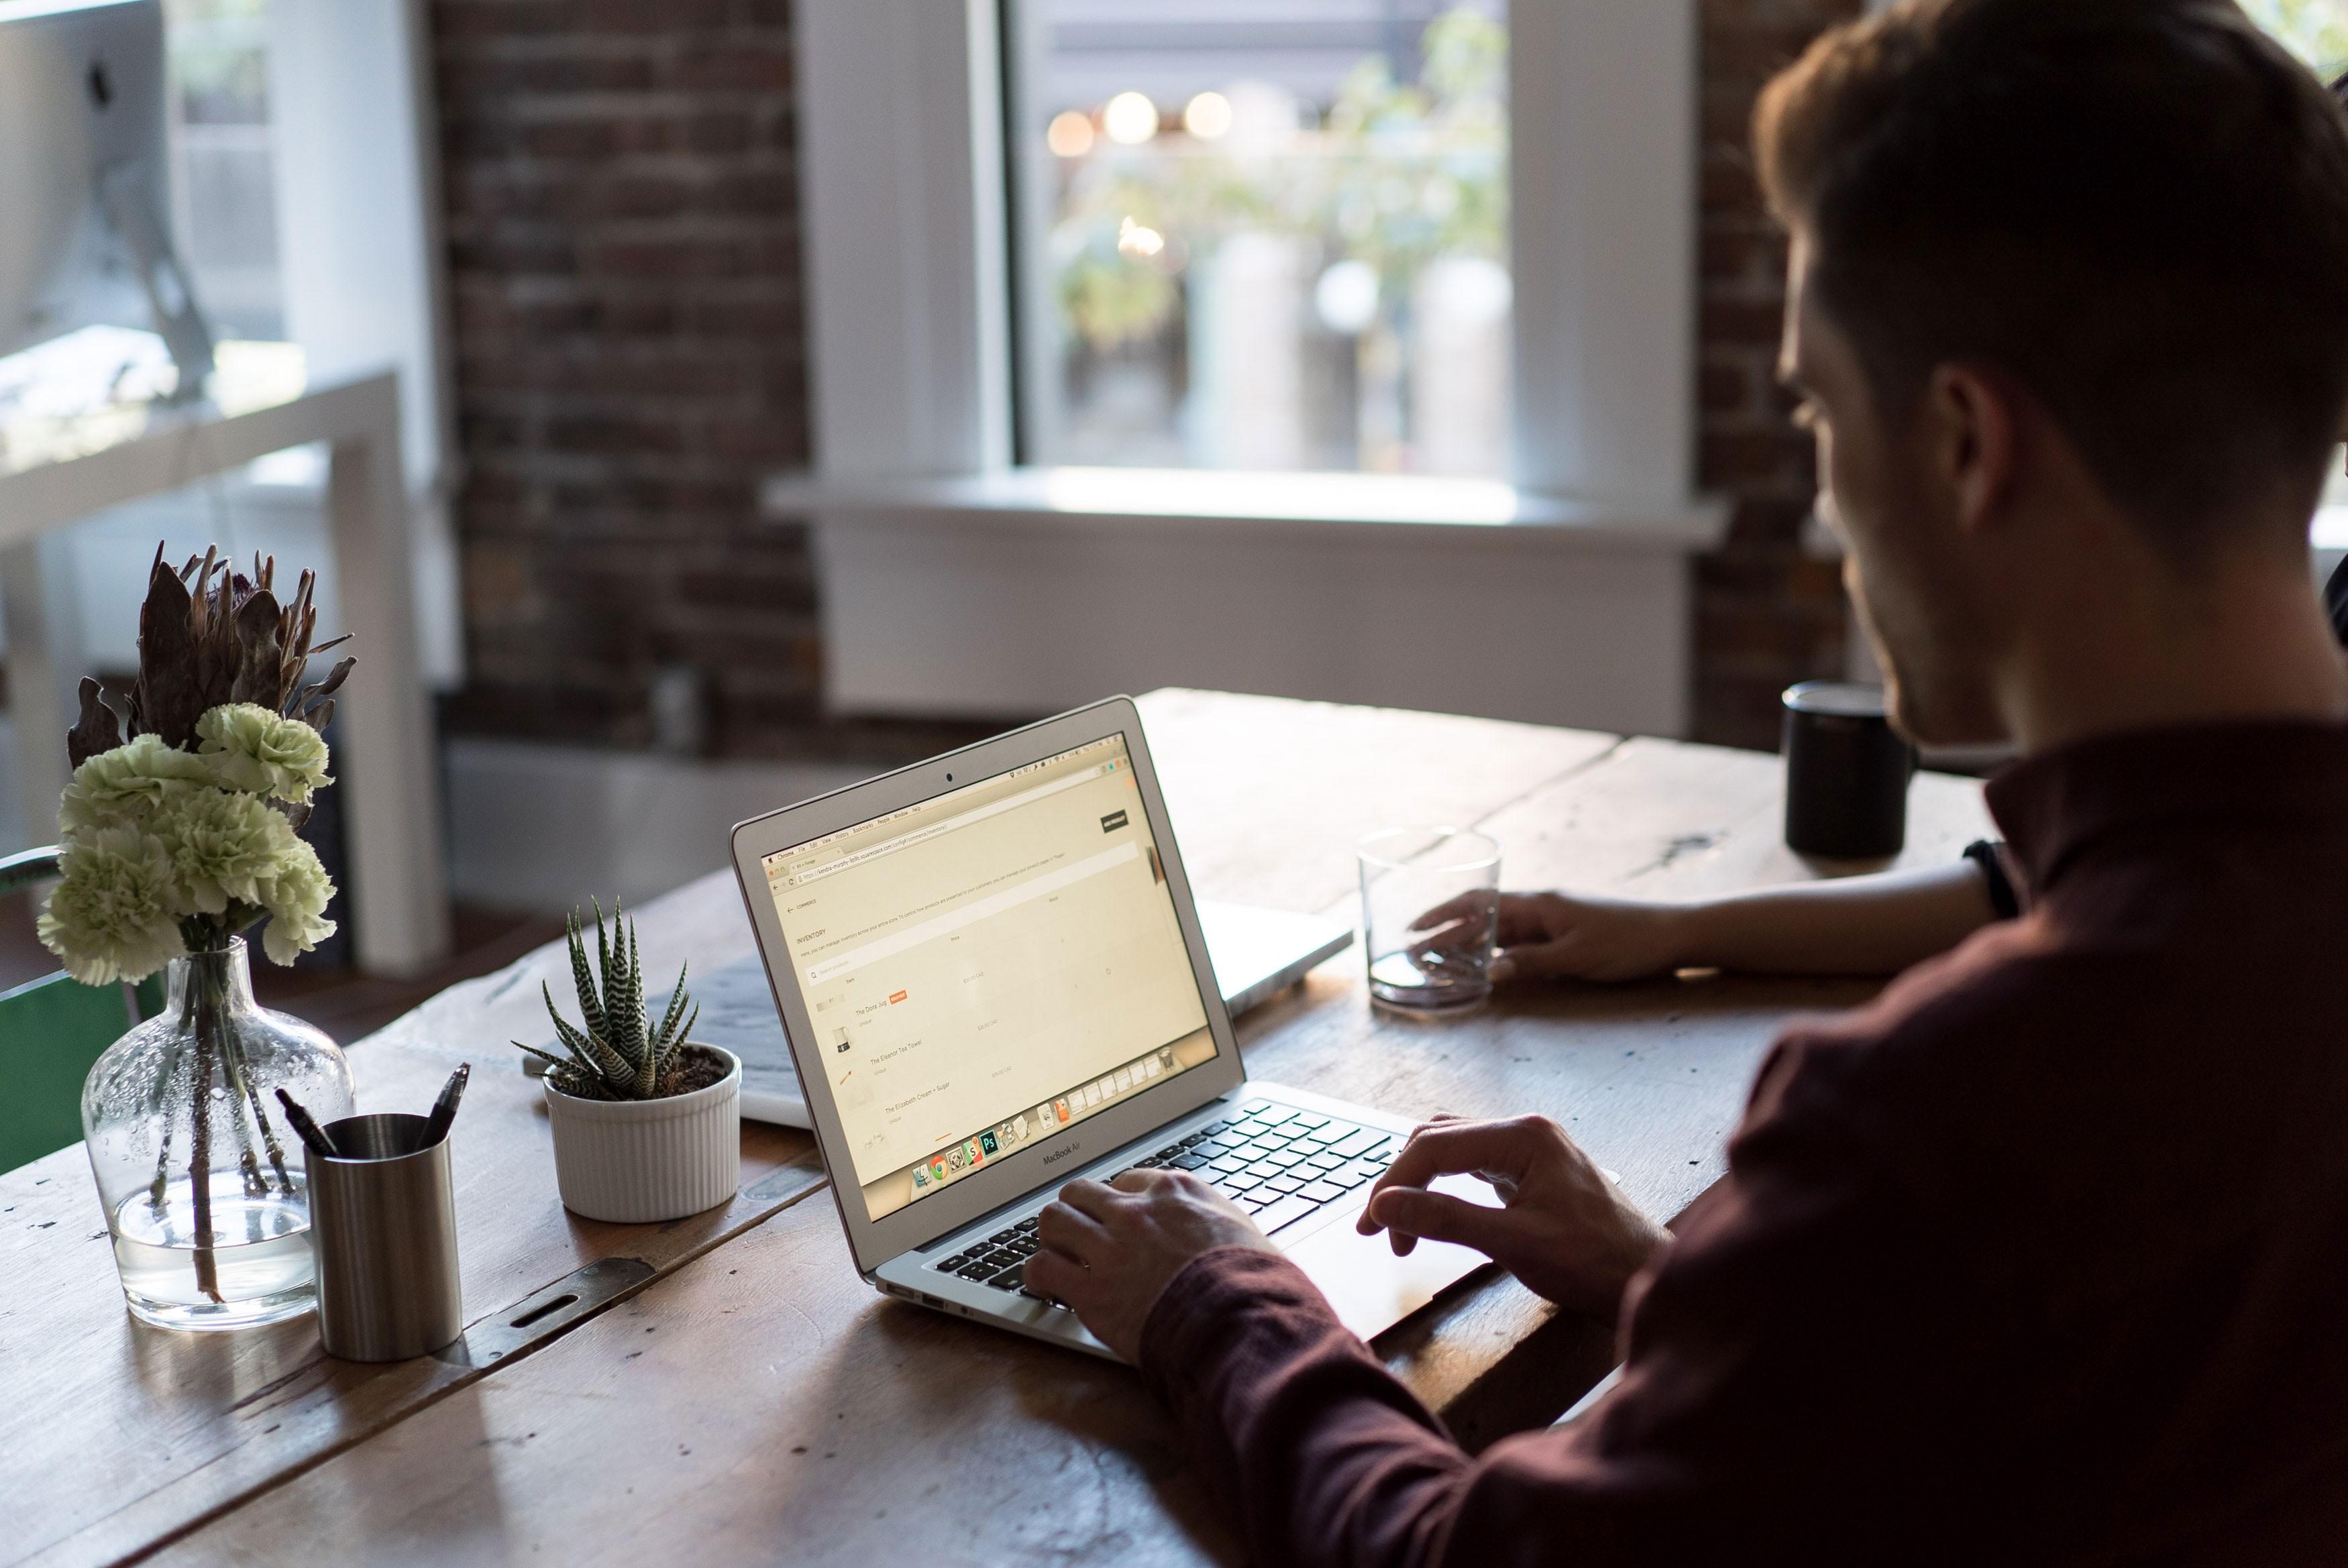 Home office: por que algumas pessoas dizem ser mais produtivas trabalhando em casa?